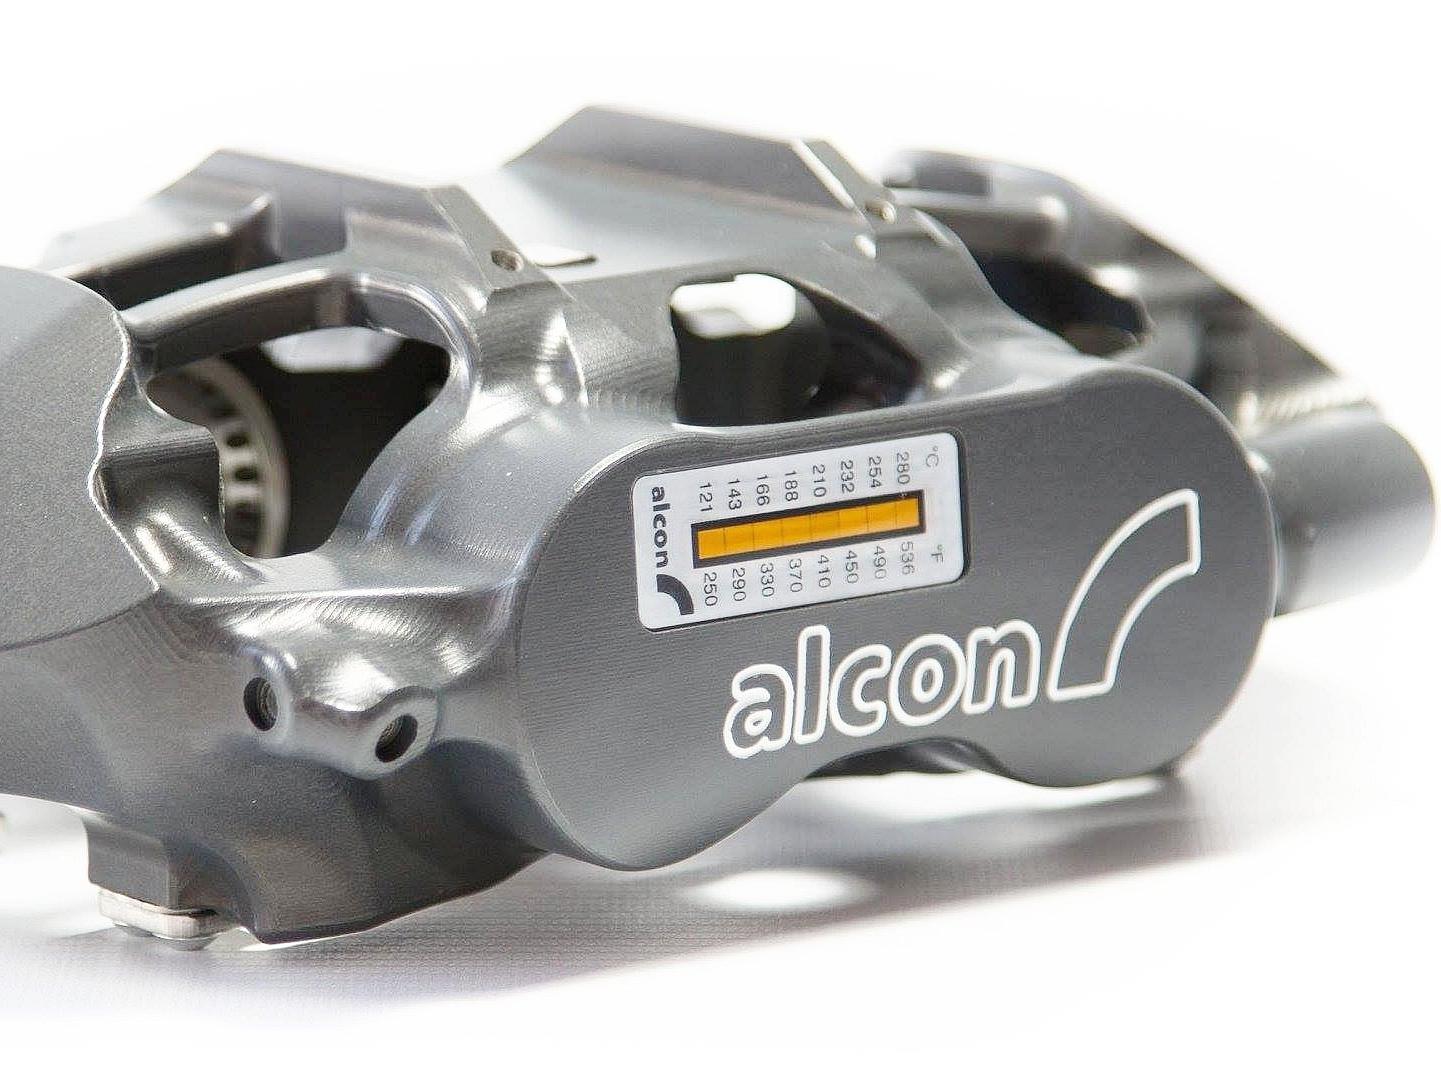 Alcon rally caliper with caliper temperature indicator stickers on the caliper face.Photo Courtesy: Alcon Brakes